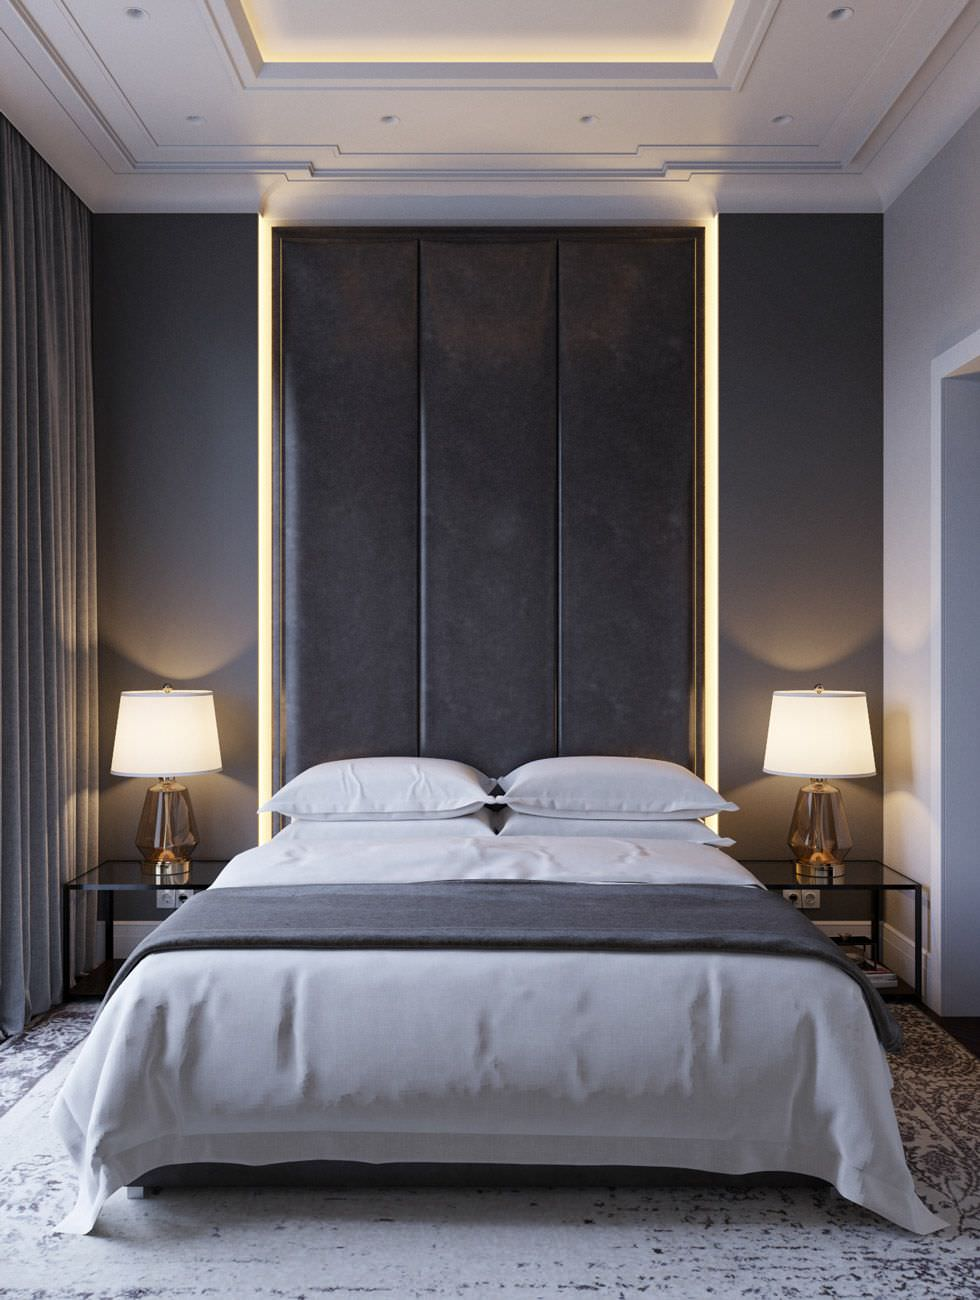 100 idee camere da letto moderne • Colori, illuminazione, arredo ...